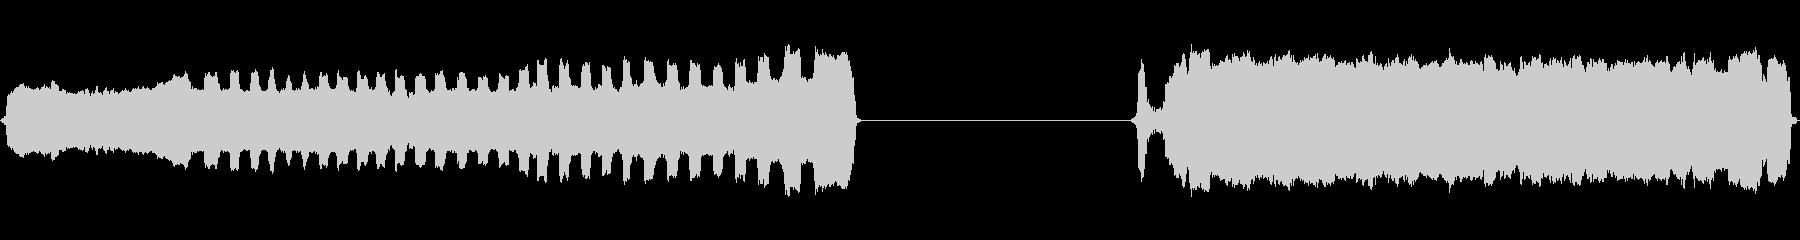 ホイッスルトレインフラッターブローロングの未再生の波形